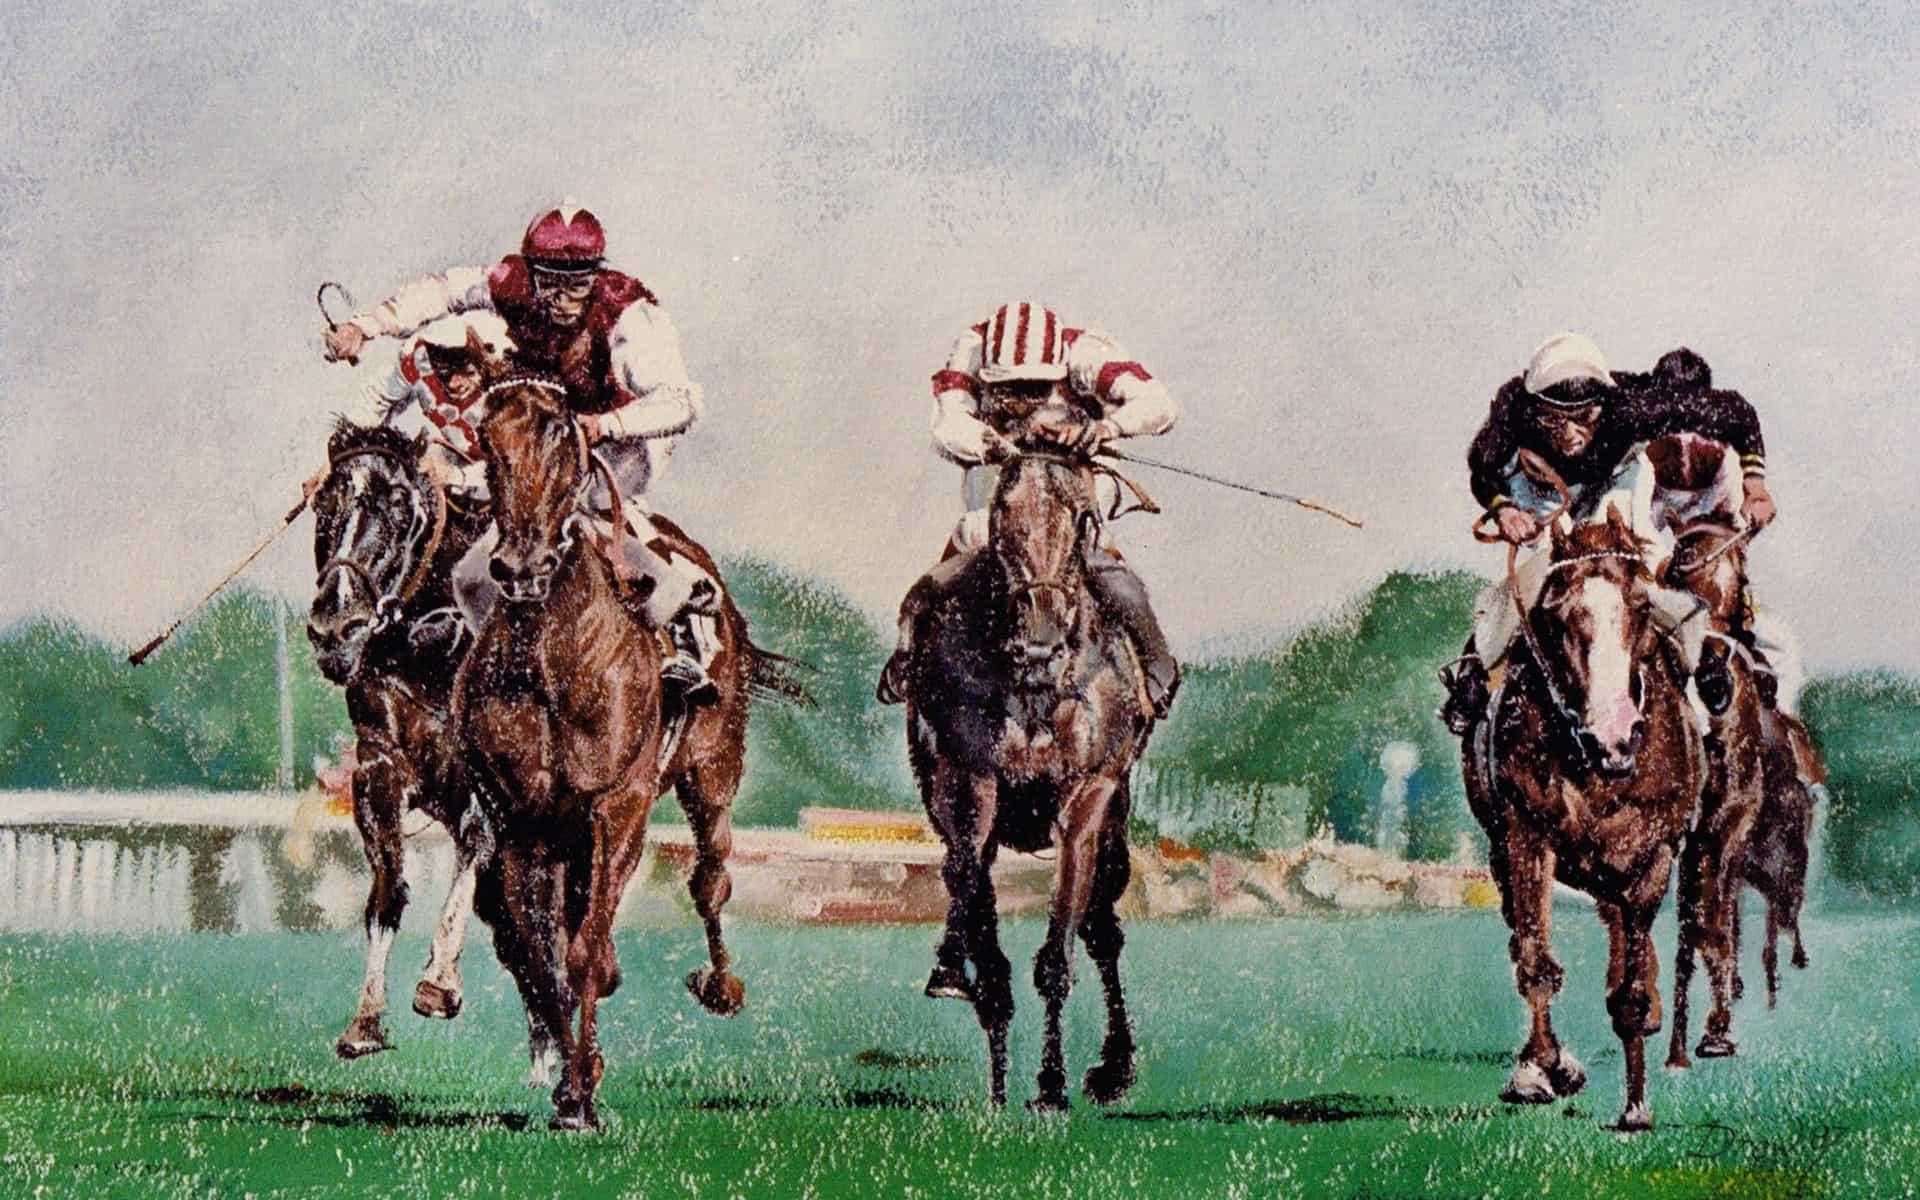 horse-racing-artist-gary-drew-uk